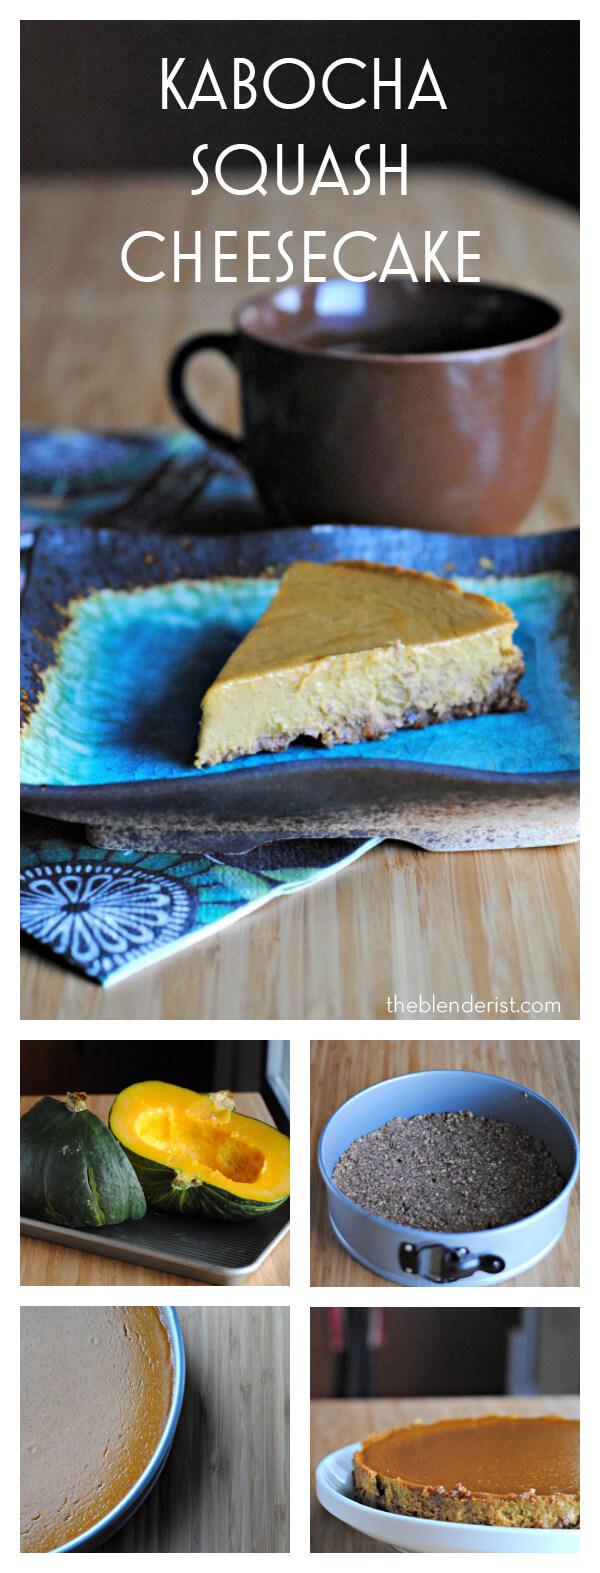 kabocha-cheesecake